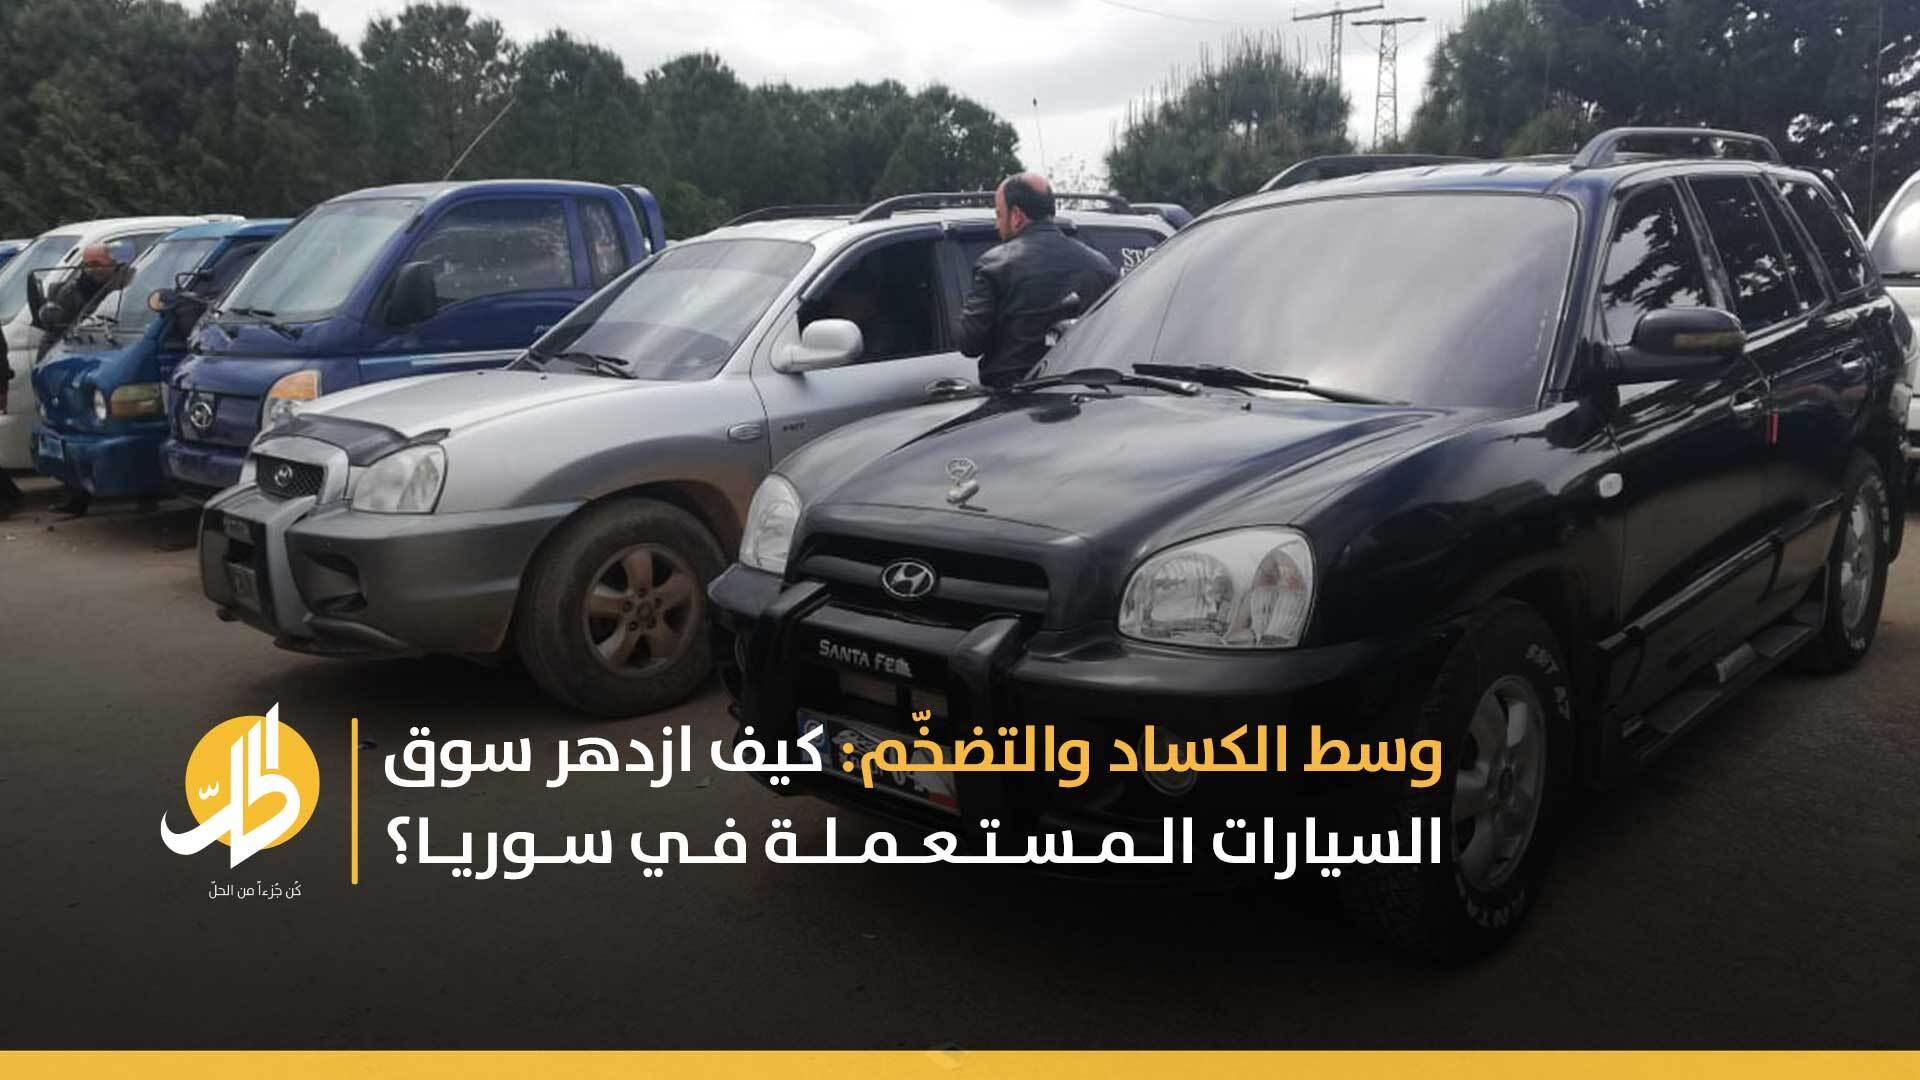 """أسعار السيارات المستعملة في سوريا ترتفع 50% خلال شهرين، والتُجّار يتهمون """"الشقيعة"""" بالمسؤولية"""